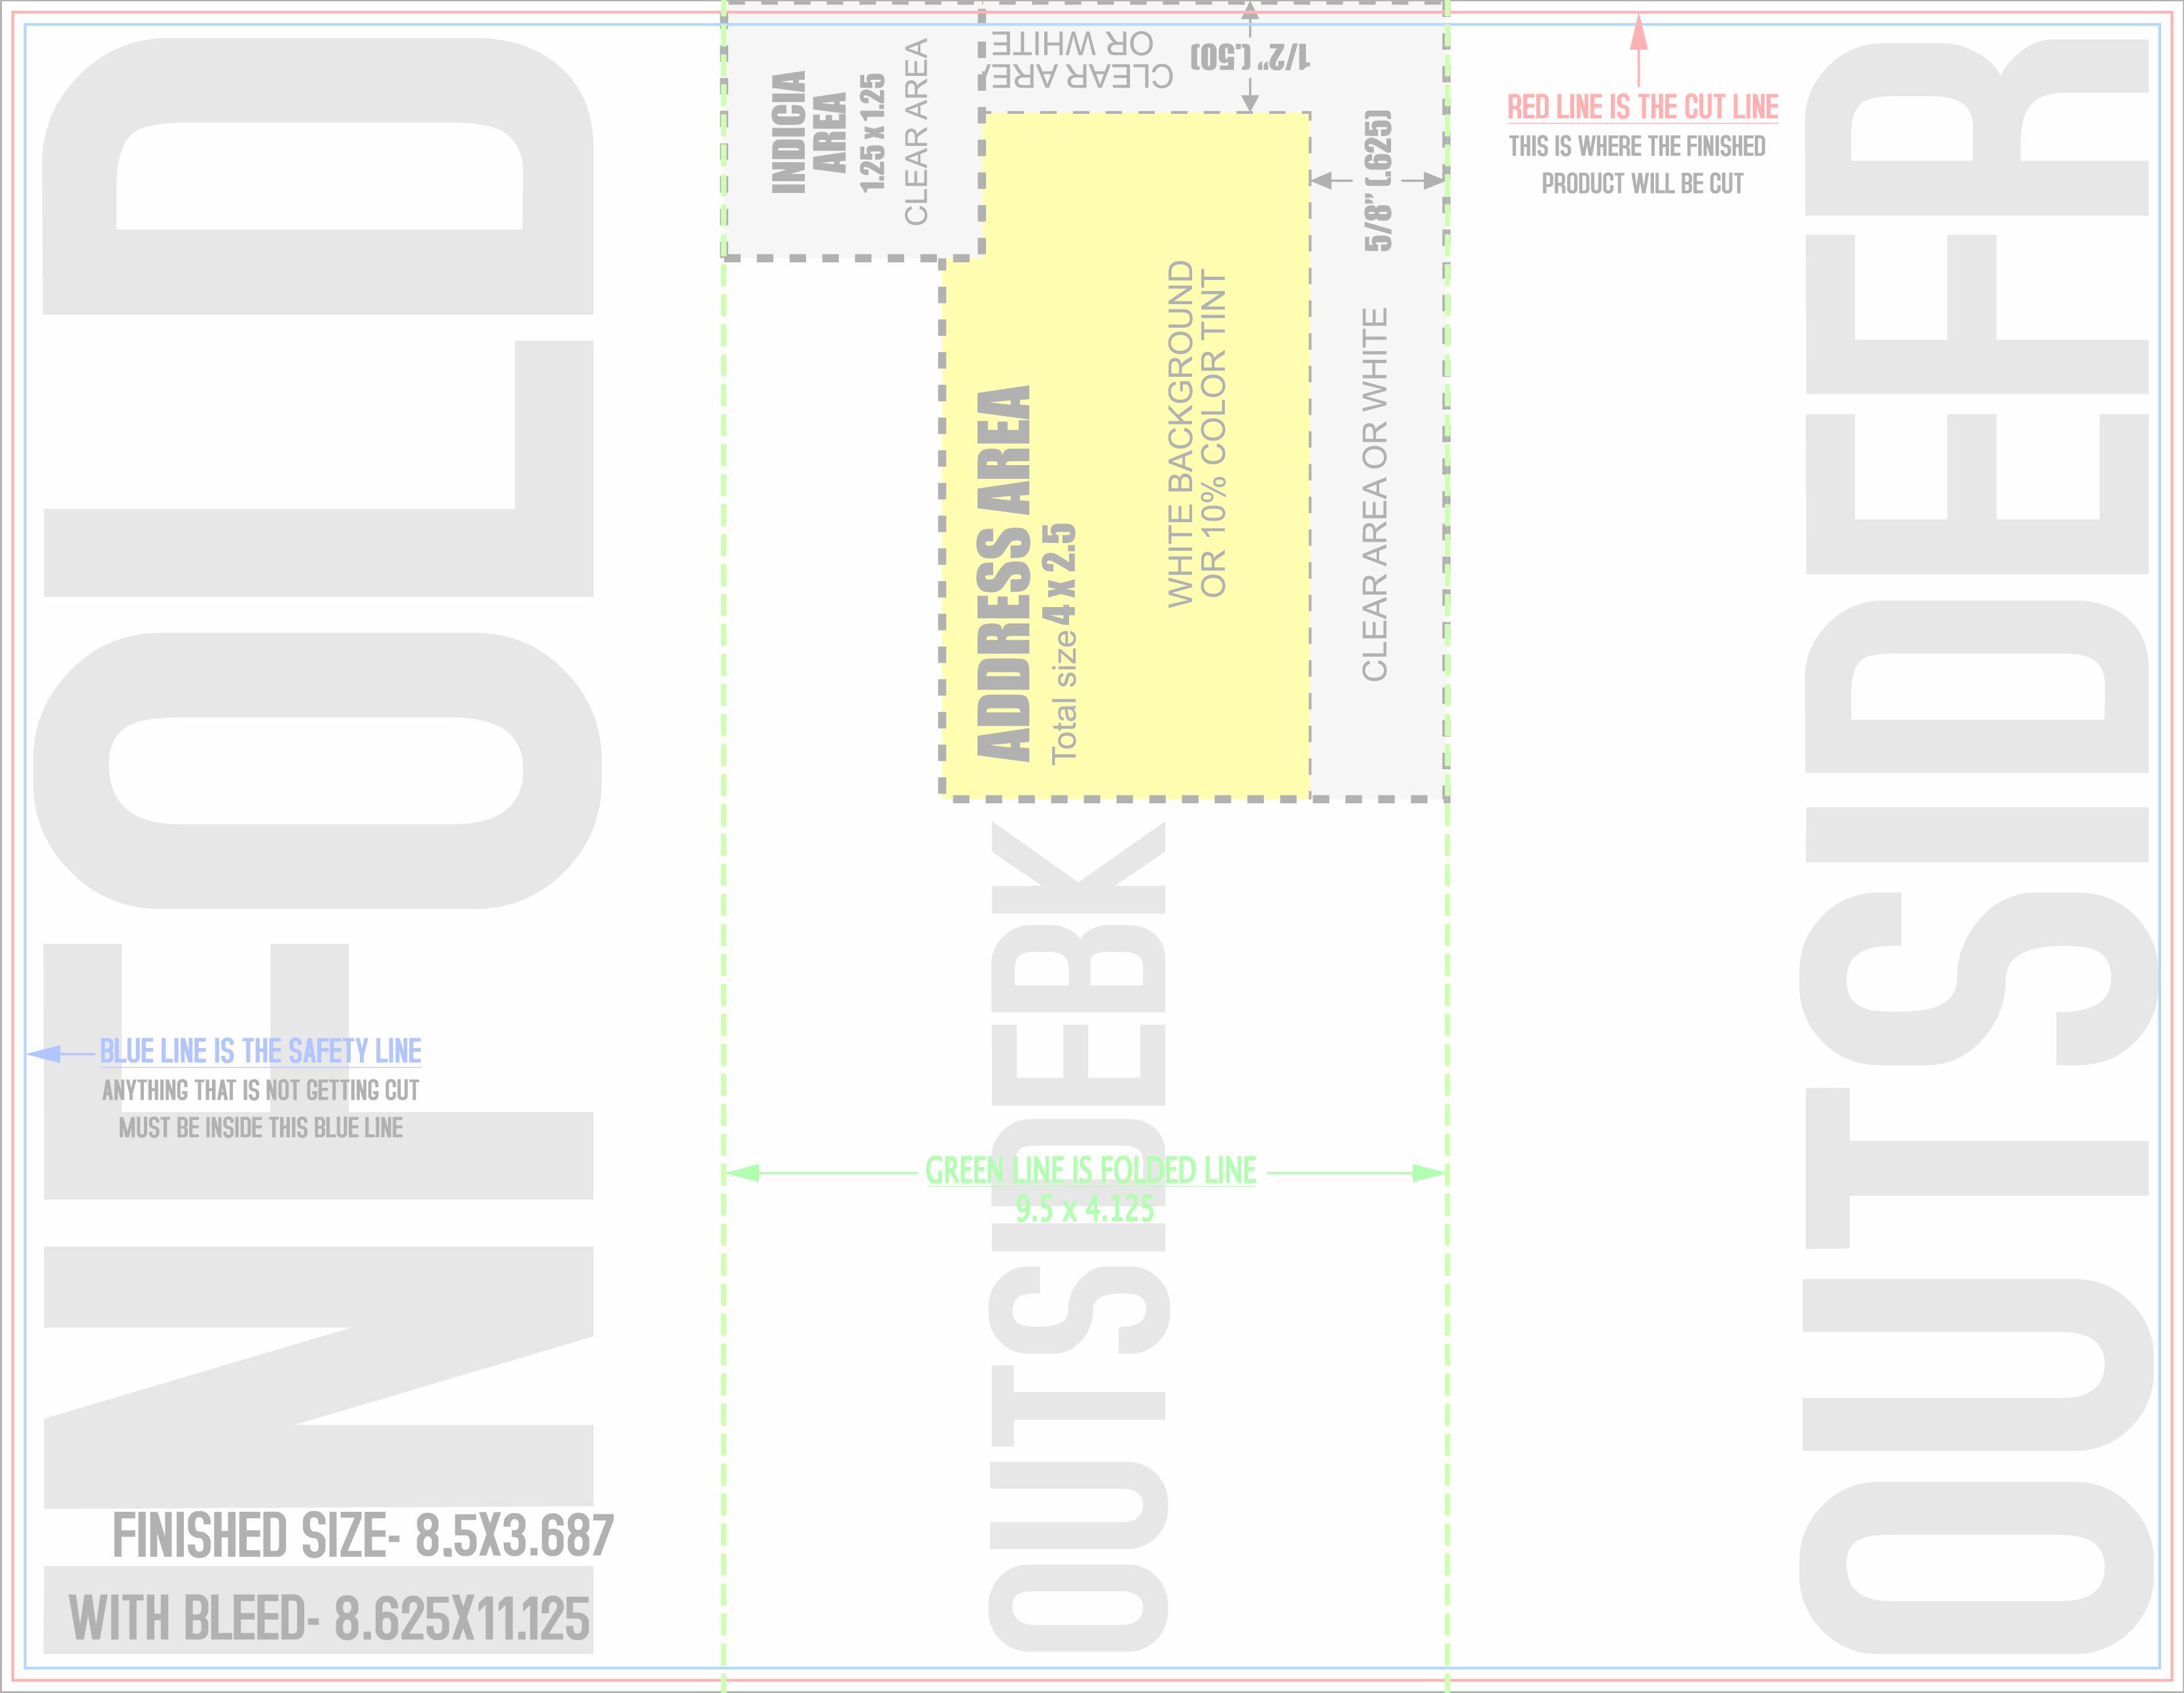 Trifold Mailer Template Insssrenterprisesco - 85x11 brochure template